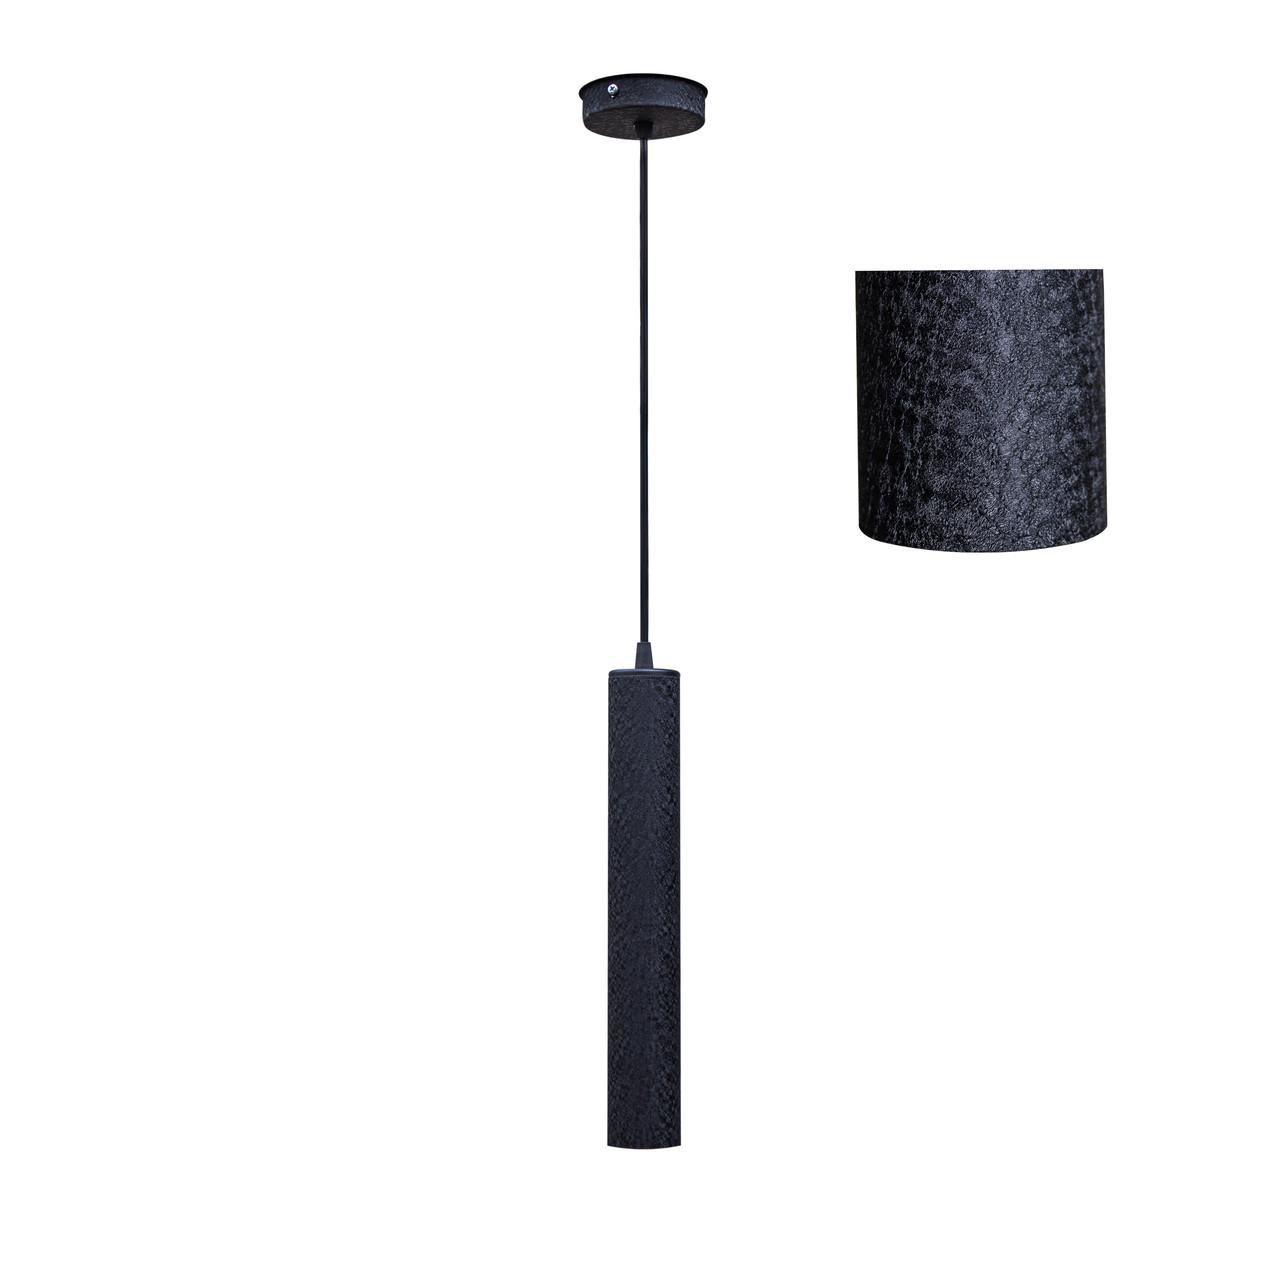 Светильник подвесной   Трубка  MR 3522 BK MSK Electric